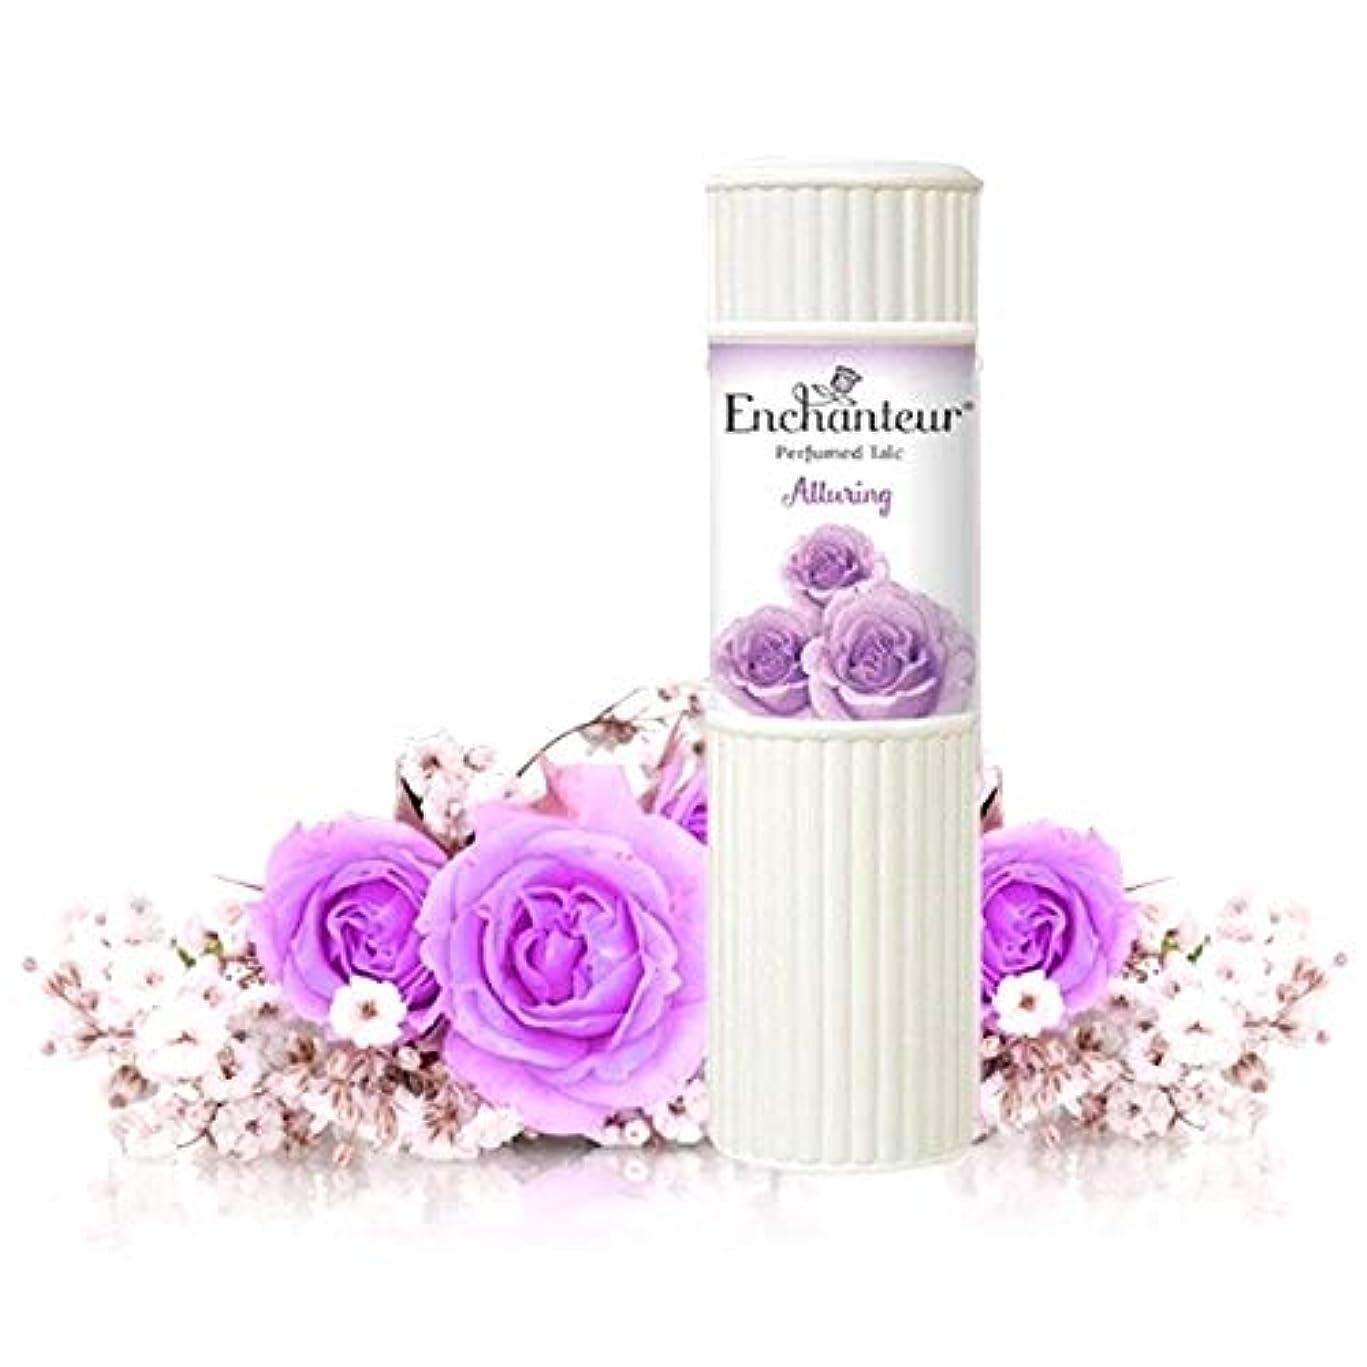 ながら会う不安Enchanteur Perfumed Talc アンシャンター パフュームタルク 100g【並行輸入品】 (Alluring)